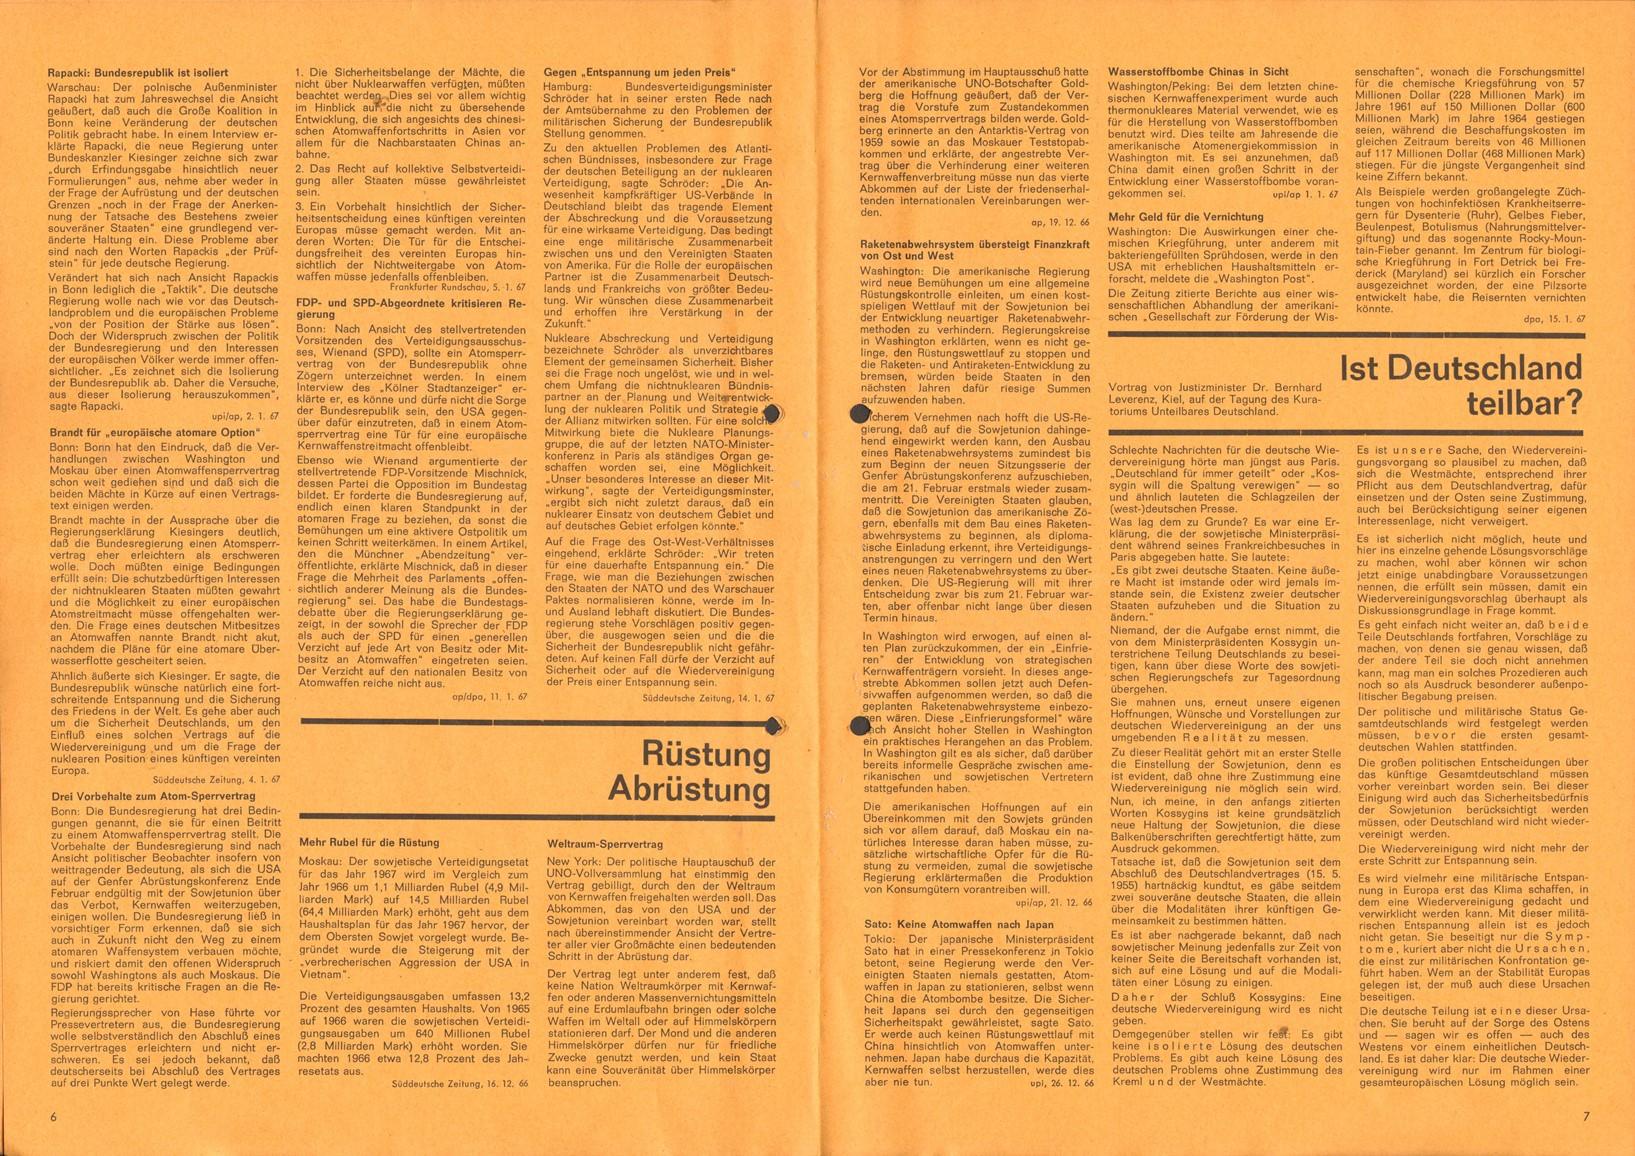 Informationen_zur_Abruestung_1967_042_004